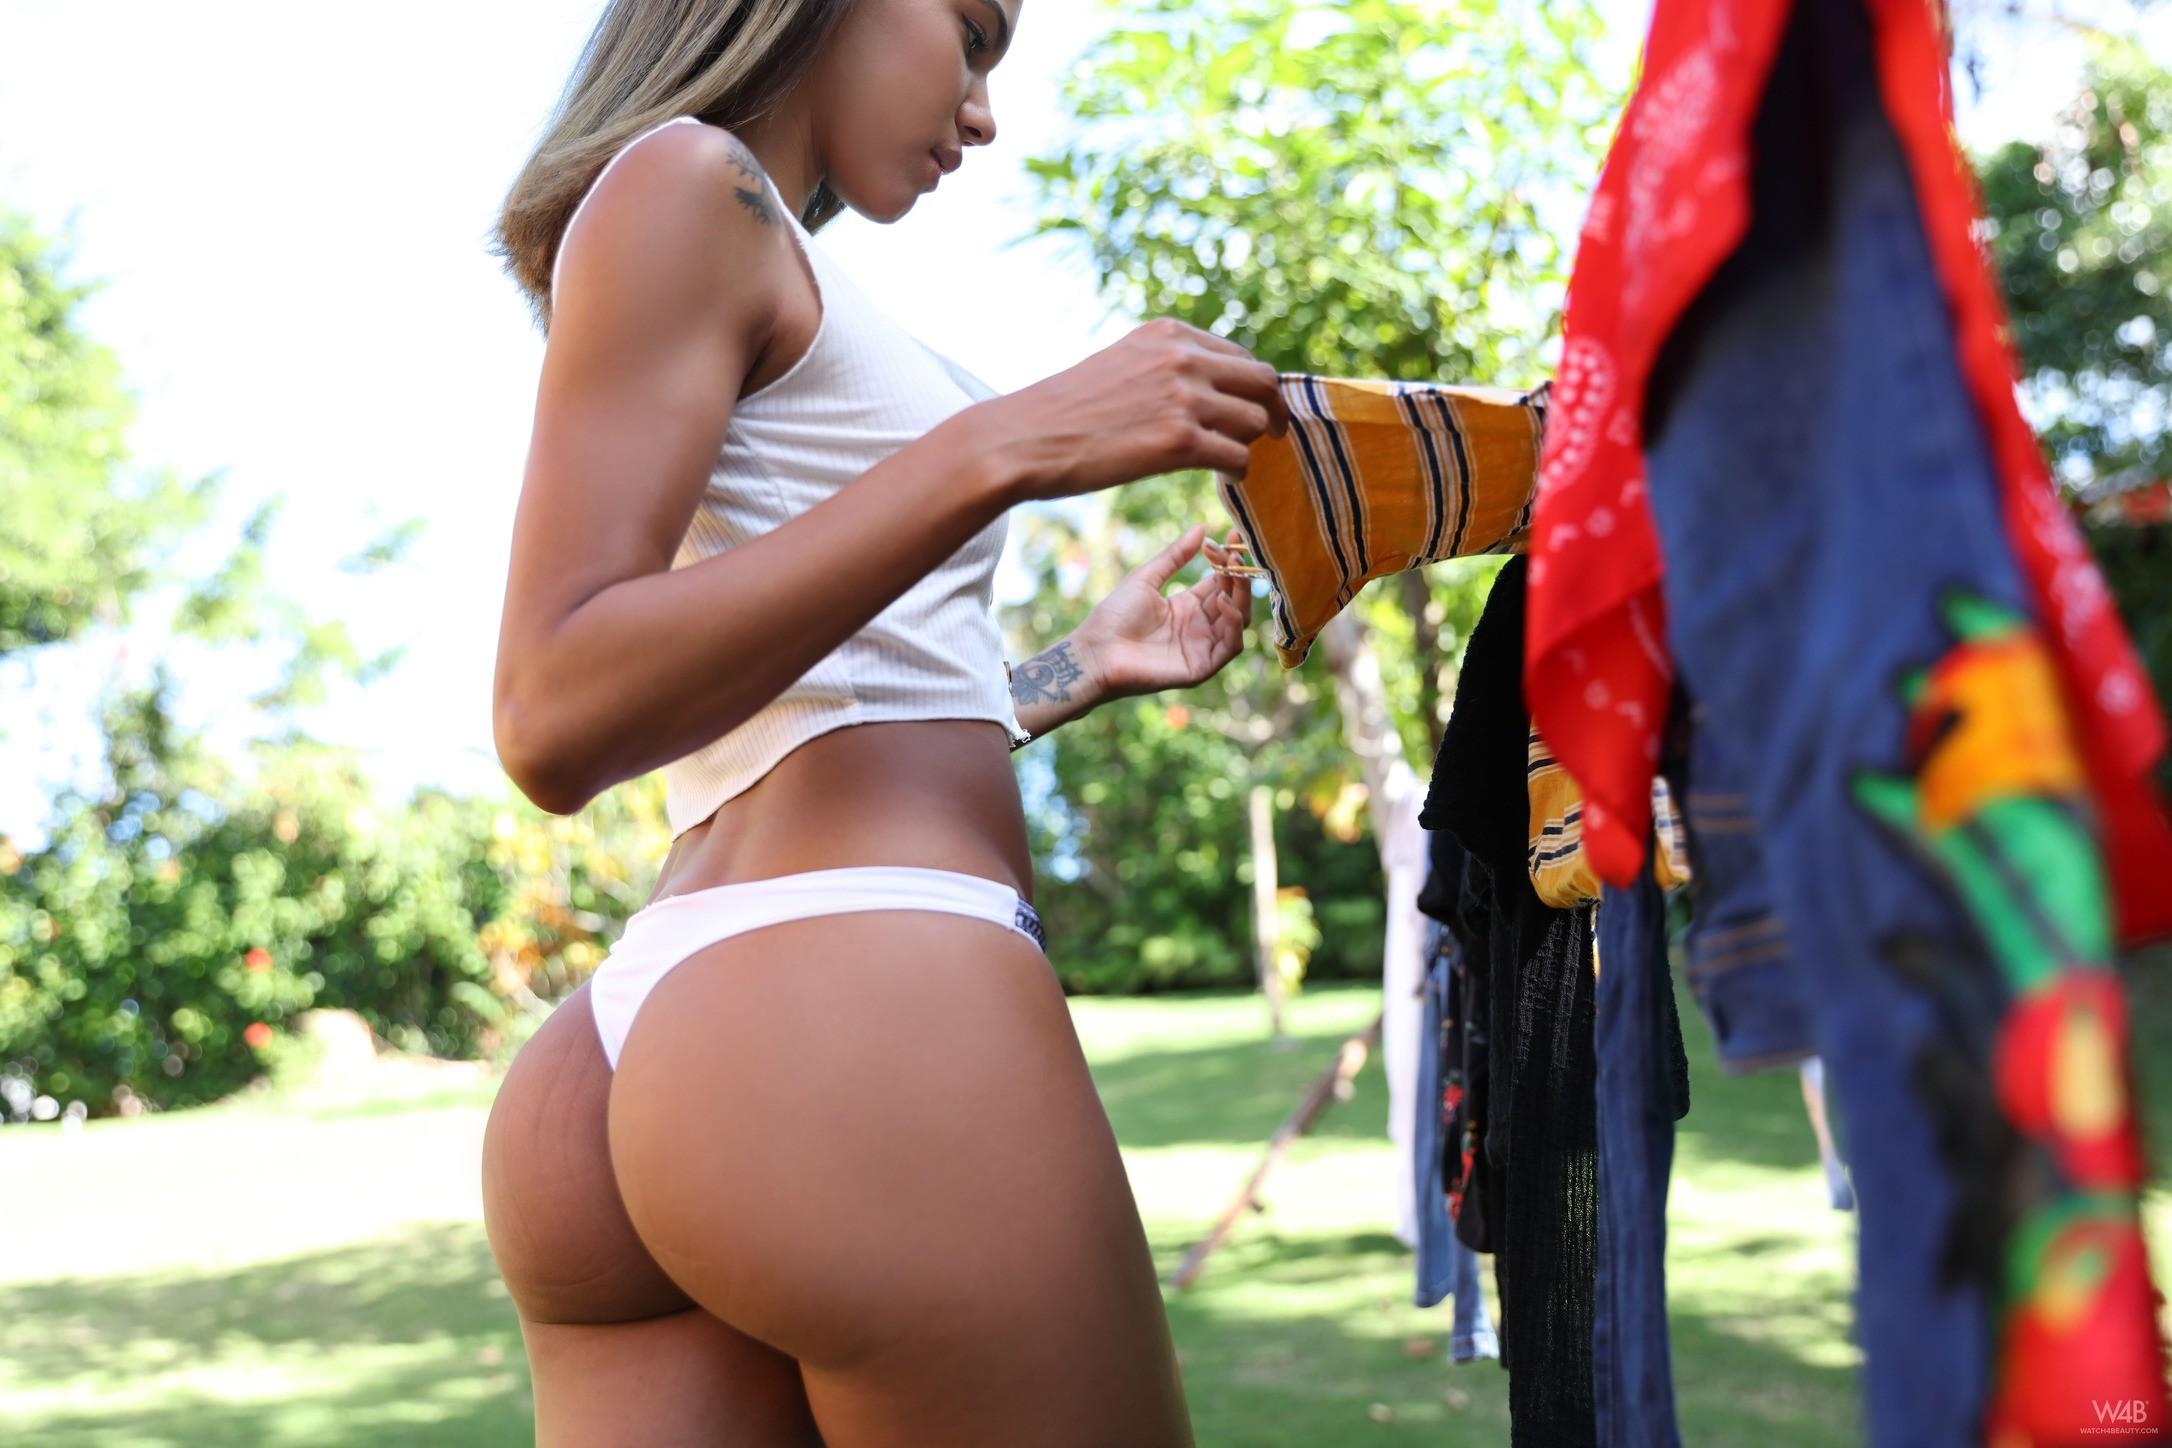 Латинская девушка с накаченной попой - фото